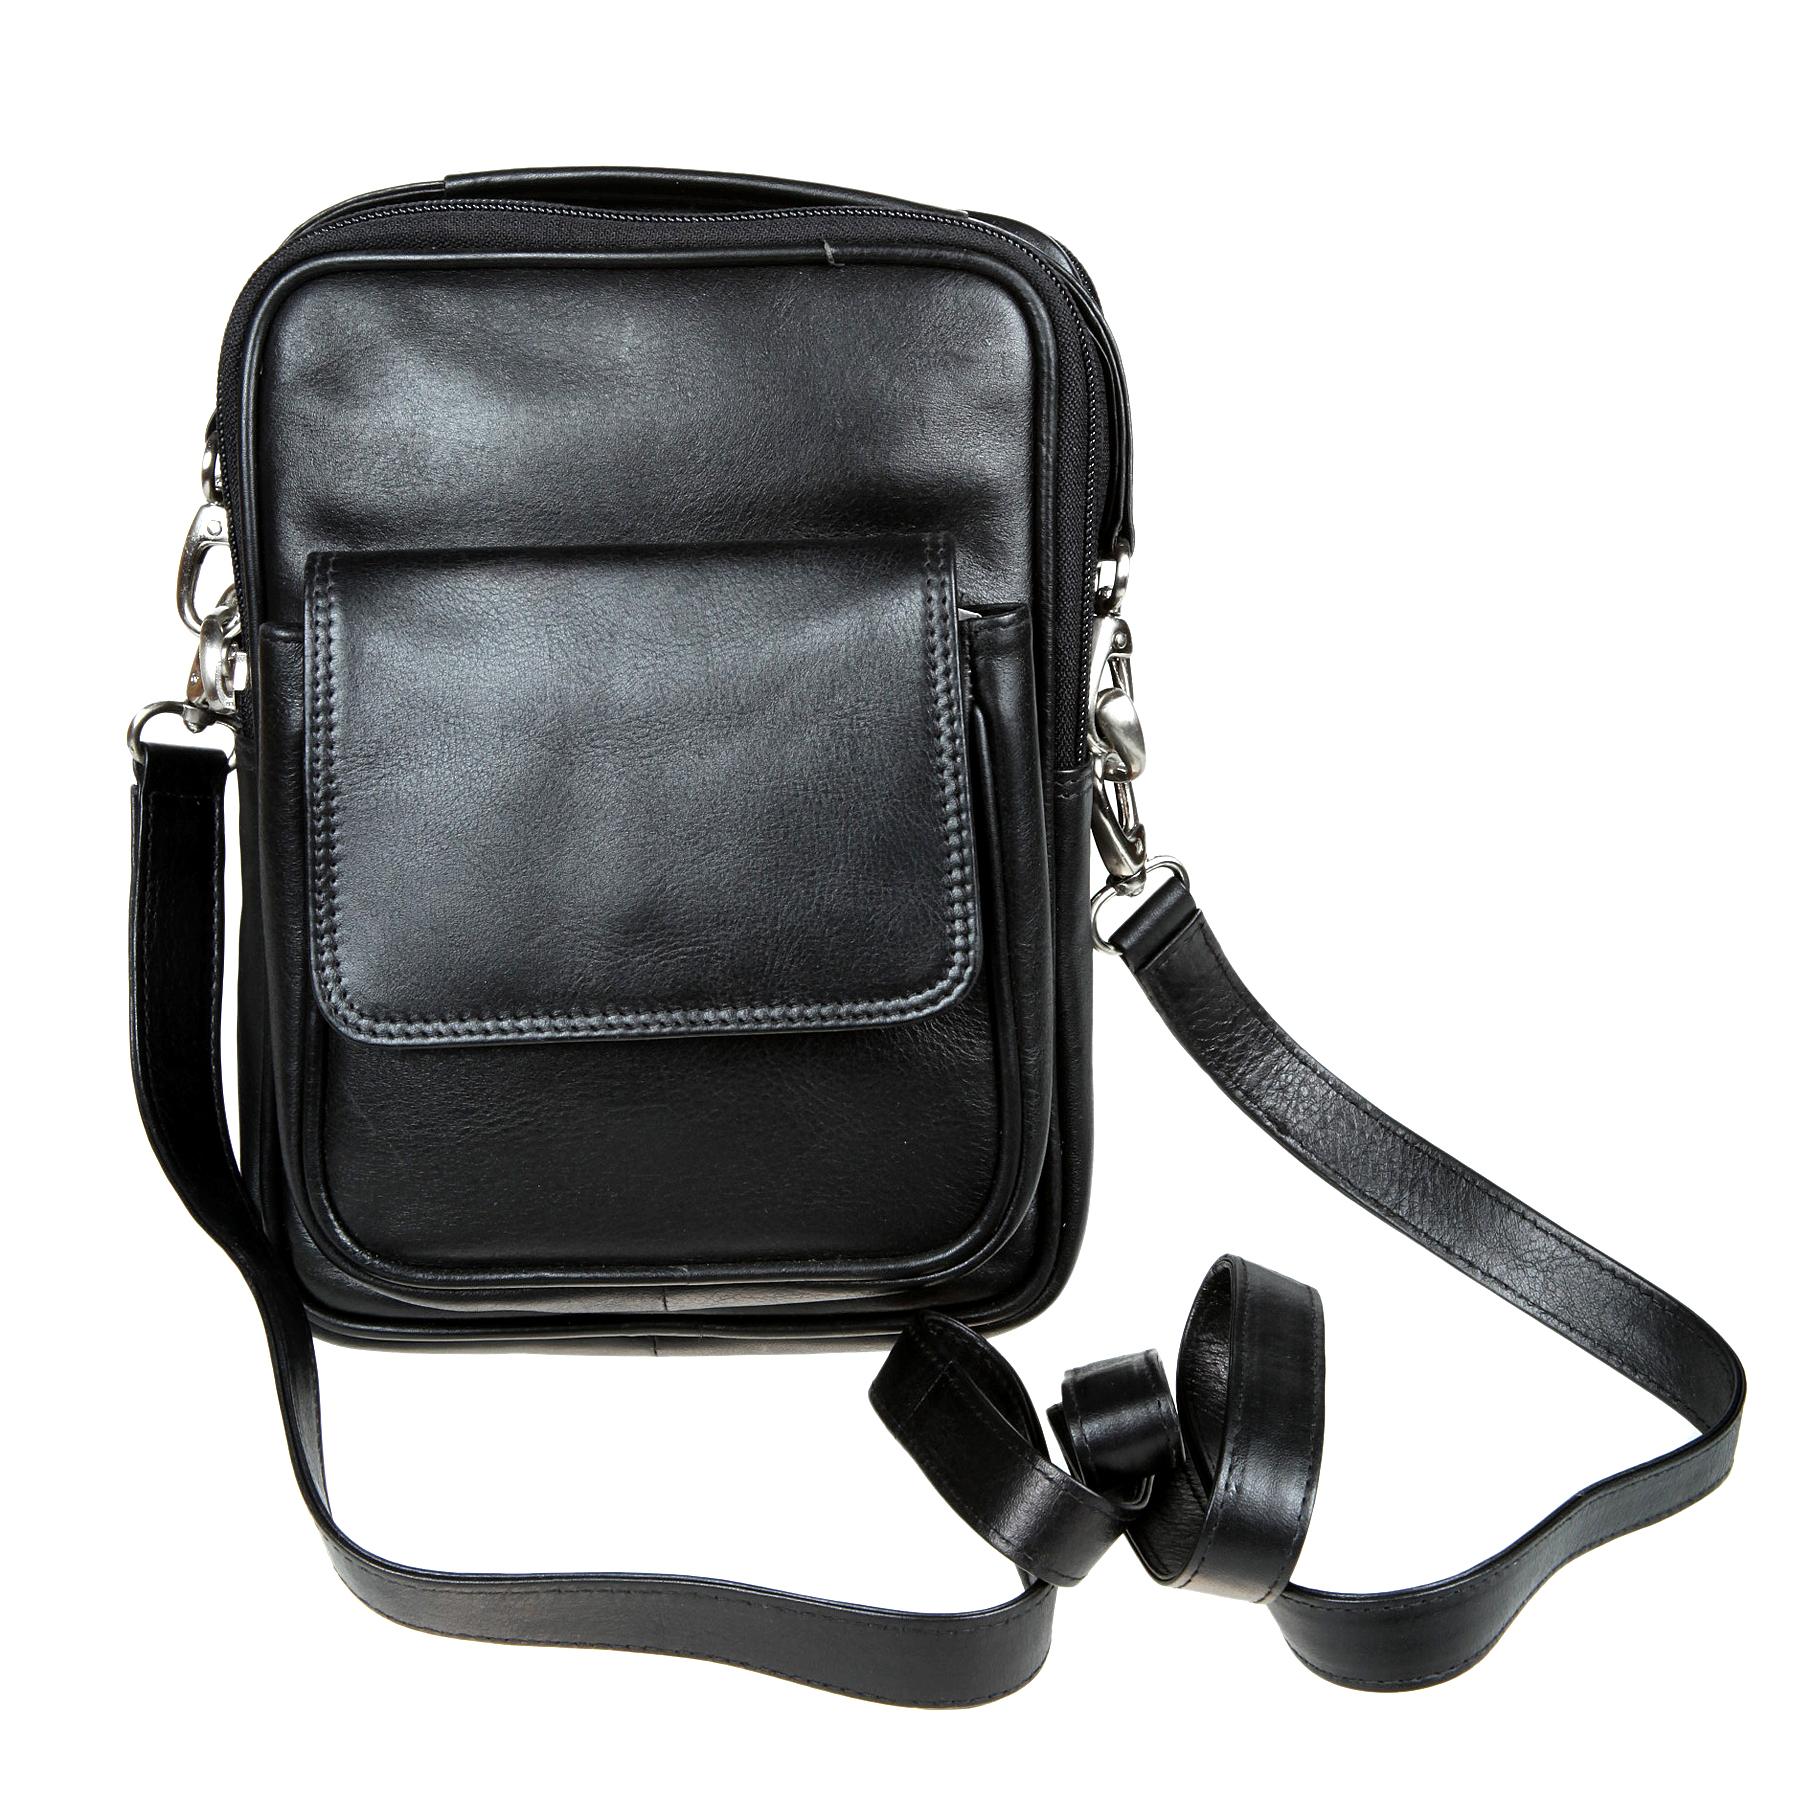 Сумка-планшет мужская Bodenschatz, цвет: черный. 8-437 black8-437 blackЗакрывается на молнию, оснащена съемным плечевым ремнем, внутри один отдел, в котором карман для документов на молнии. Снаружи на передней стенке карман для мелких предметов на магнитной кнопке, на задней стенке карман на молнии, в котором два держателя для авторучек, карман для мелких предметов, карман на молнии, три кармана для документов, шесть кармашков для пластиковых карт.